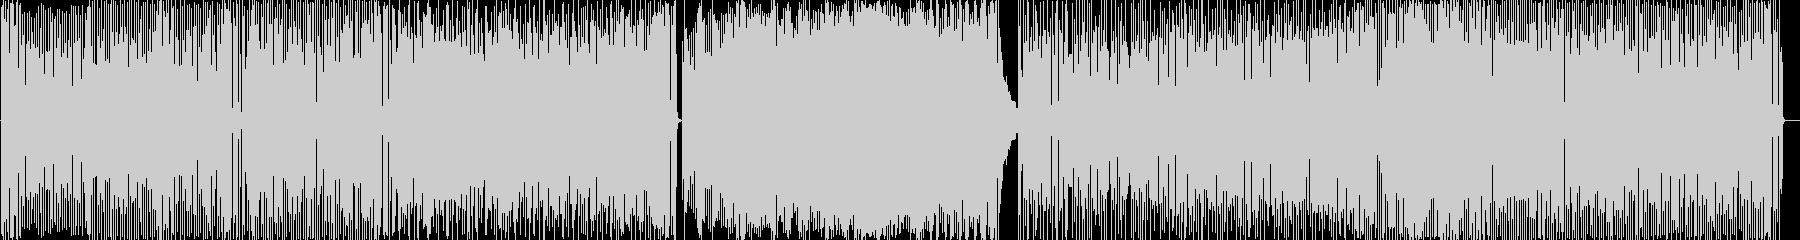 シンセサイザーをメインとしたアップテン…の未再生の波形